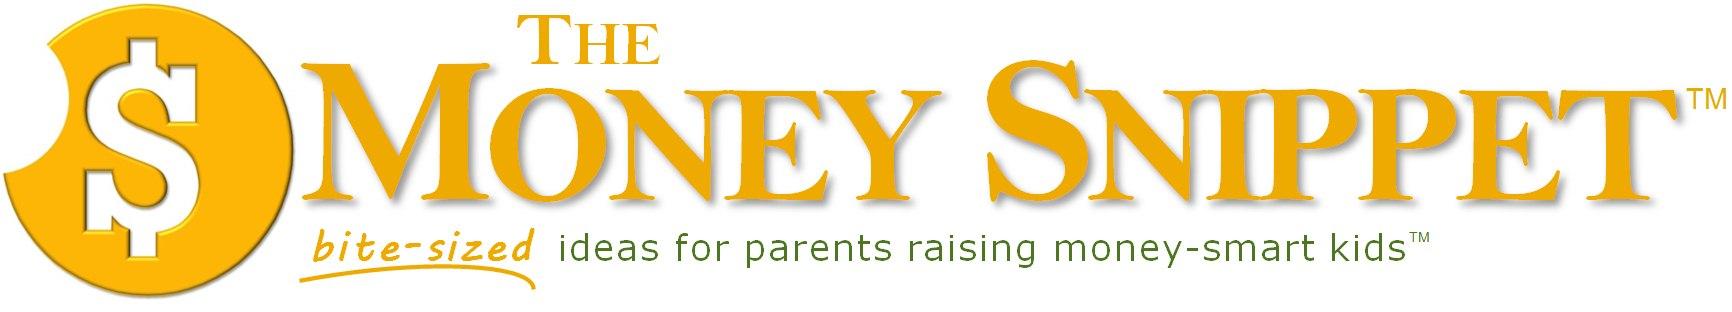 Money Snippet Logo.jpg